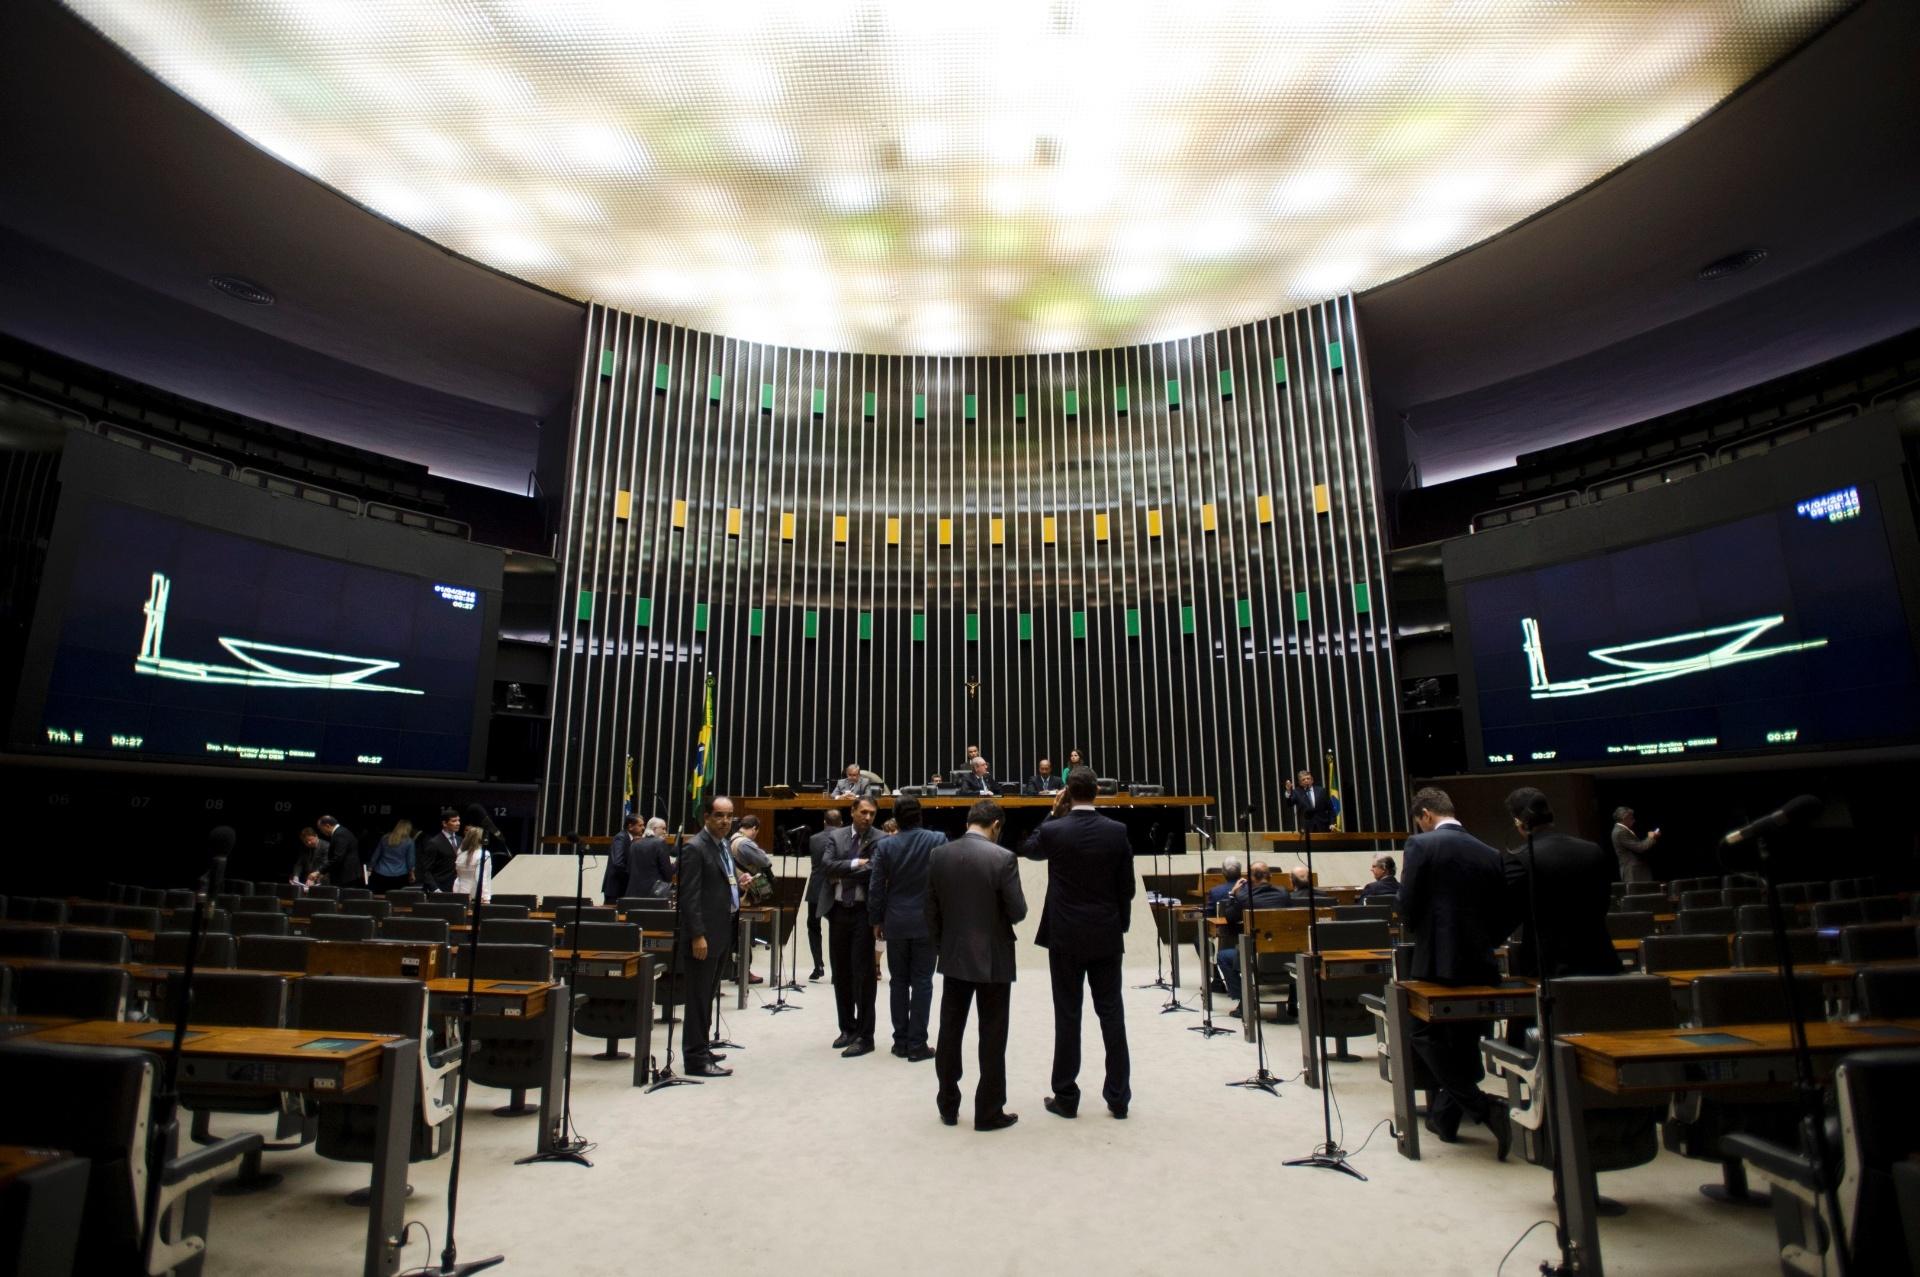 1º.abr.2016 - Mesmo com a sessão esvaziada, o presidente da Câmara dos Deputados, Eduardo Cunha (PMDB-RJ), conseguiu abrir a sessão em plenário. Esta é a penúltima sessão --do prazo de dez encontros-- que a presidente Dilma Rousseff possui para apresentar a sua tese no processo de impeachment que é analisado na Casa